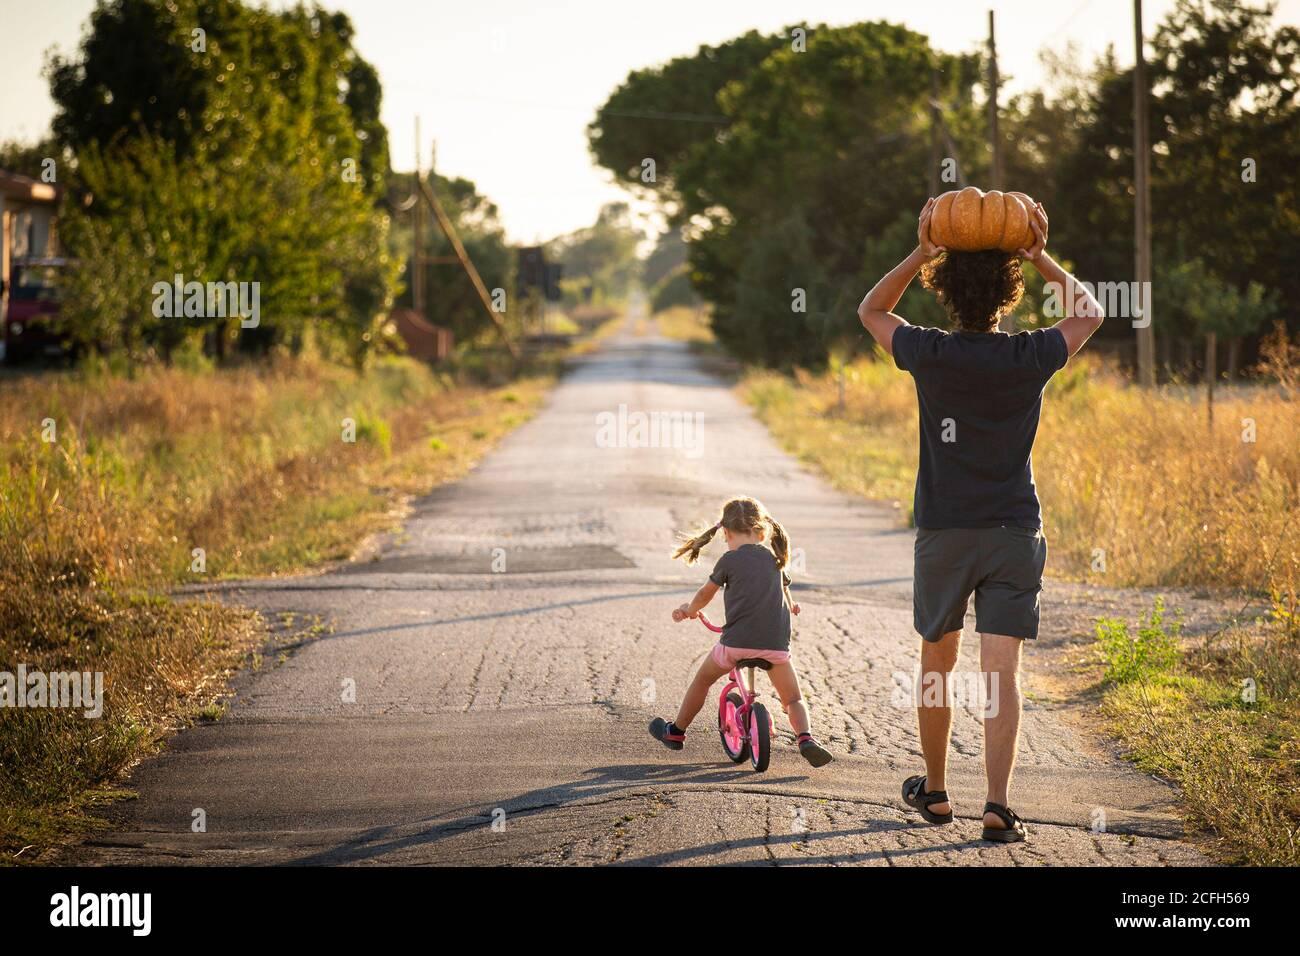 Bambina piccola, in bicicletta, con il suo giovane padre che porta una grande zucca di Halloween sopra la testa, su una strada di campagna al tramonto. Vista posteriore. Foto Stock